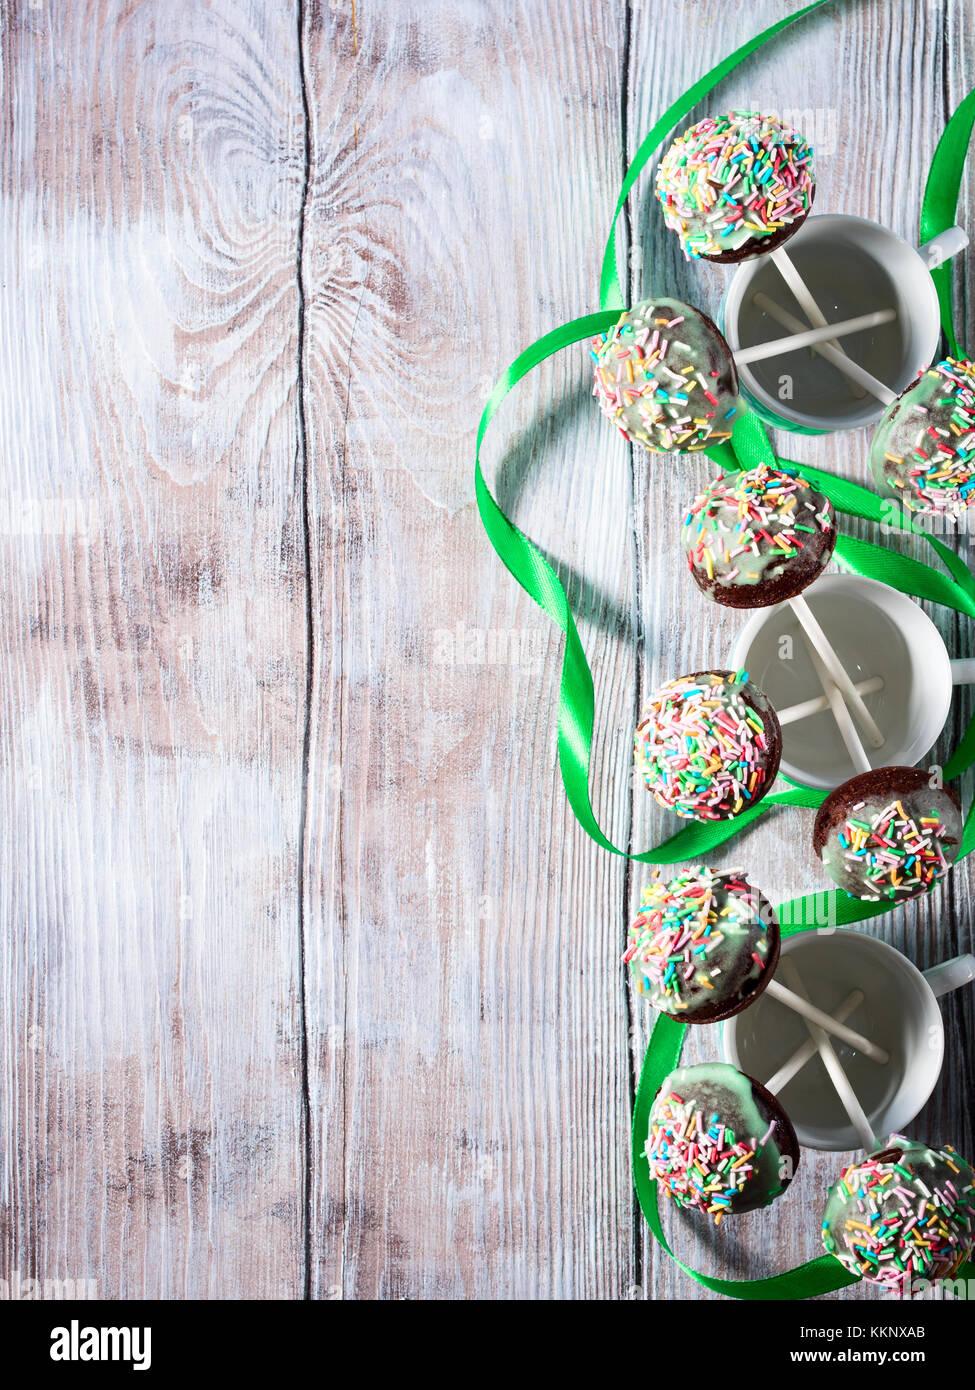 Gros plan du chocolat cake pops colorés avec des vermicelles de sucre dans de petites tasses à café Photo Stock